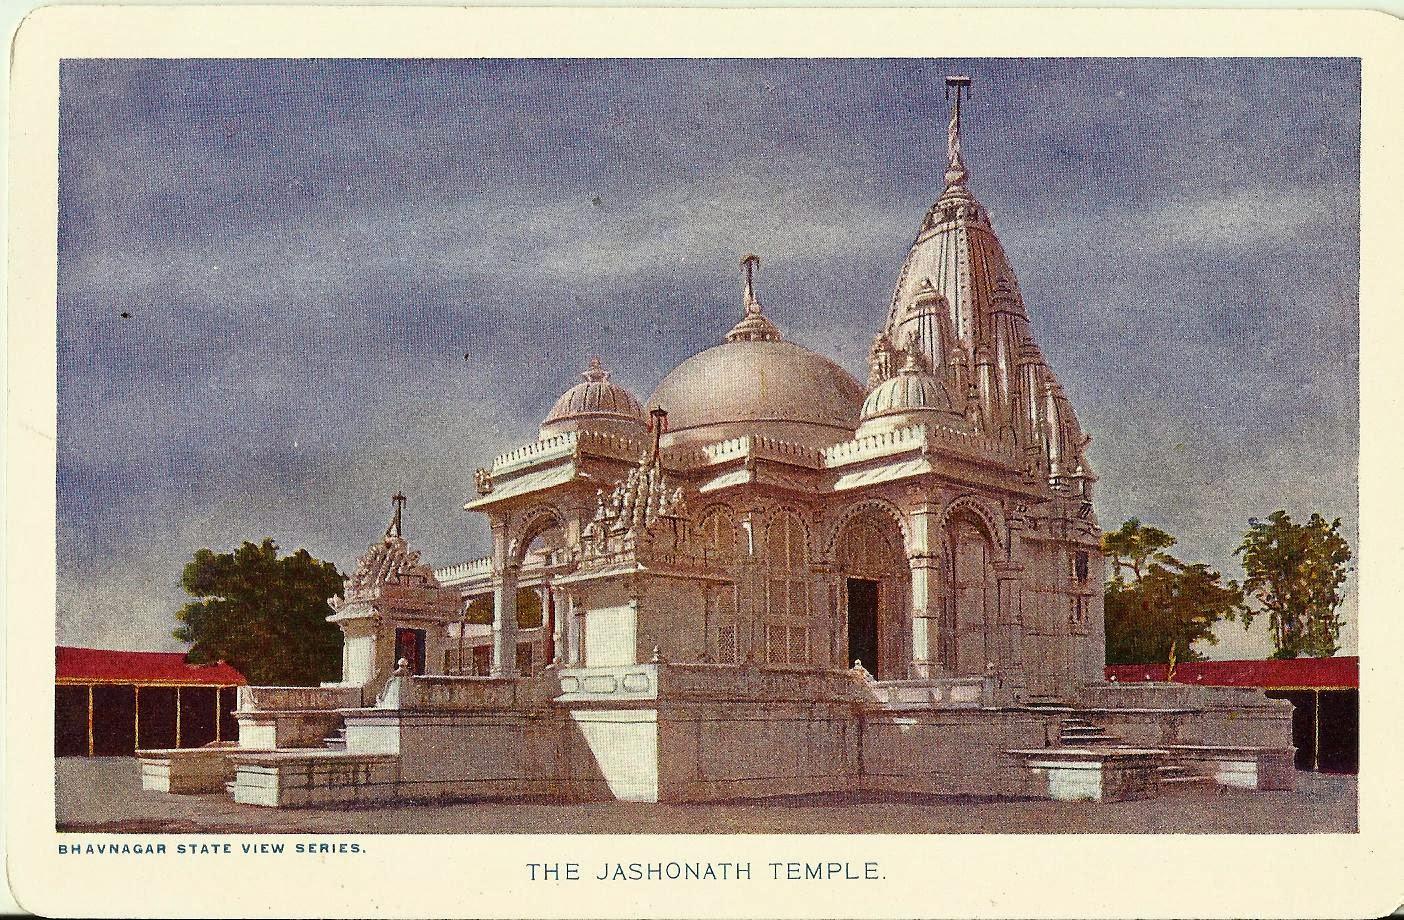 Heritage of India: Bhavnagar State vintage postcards